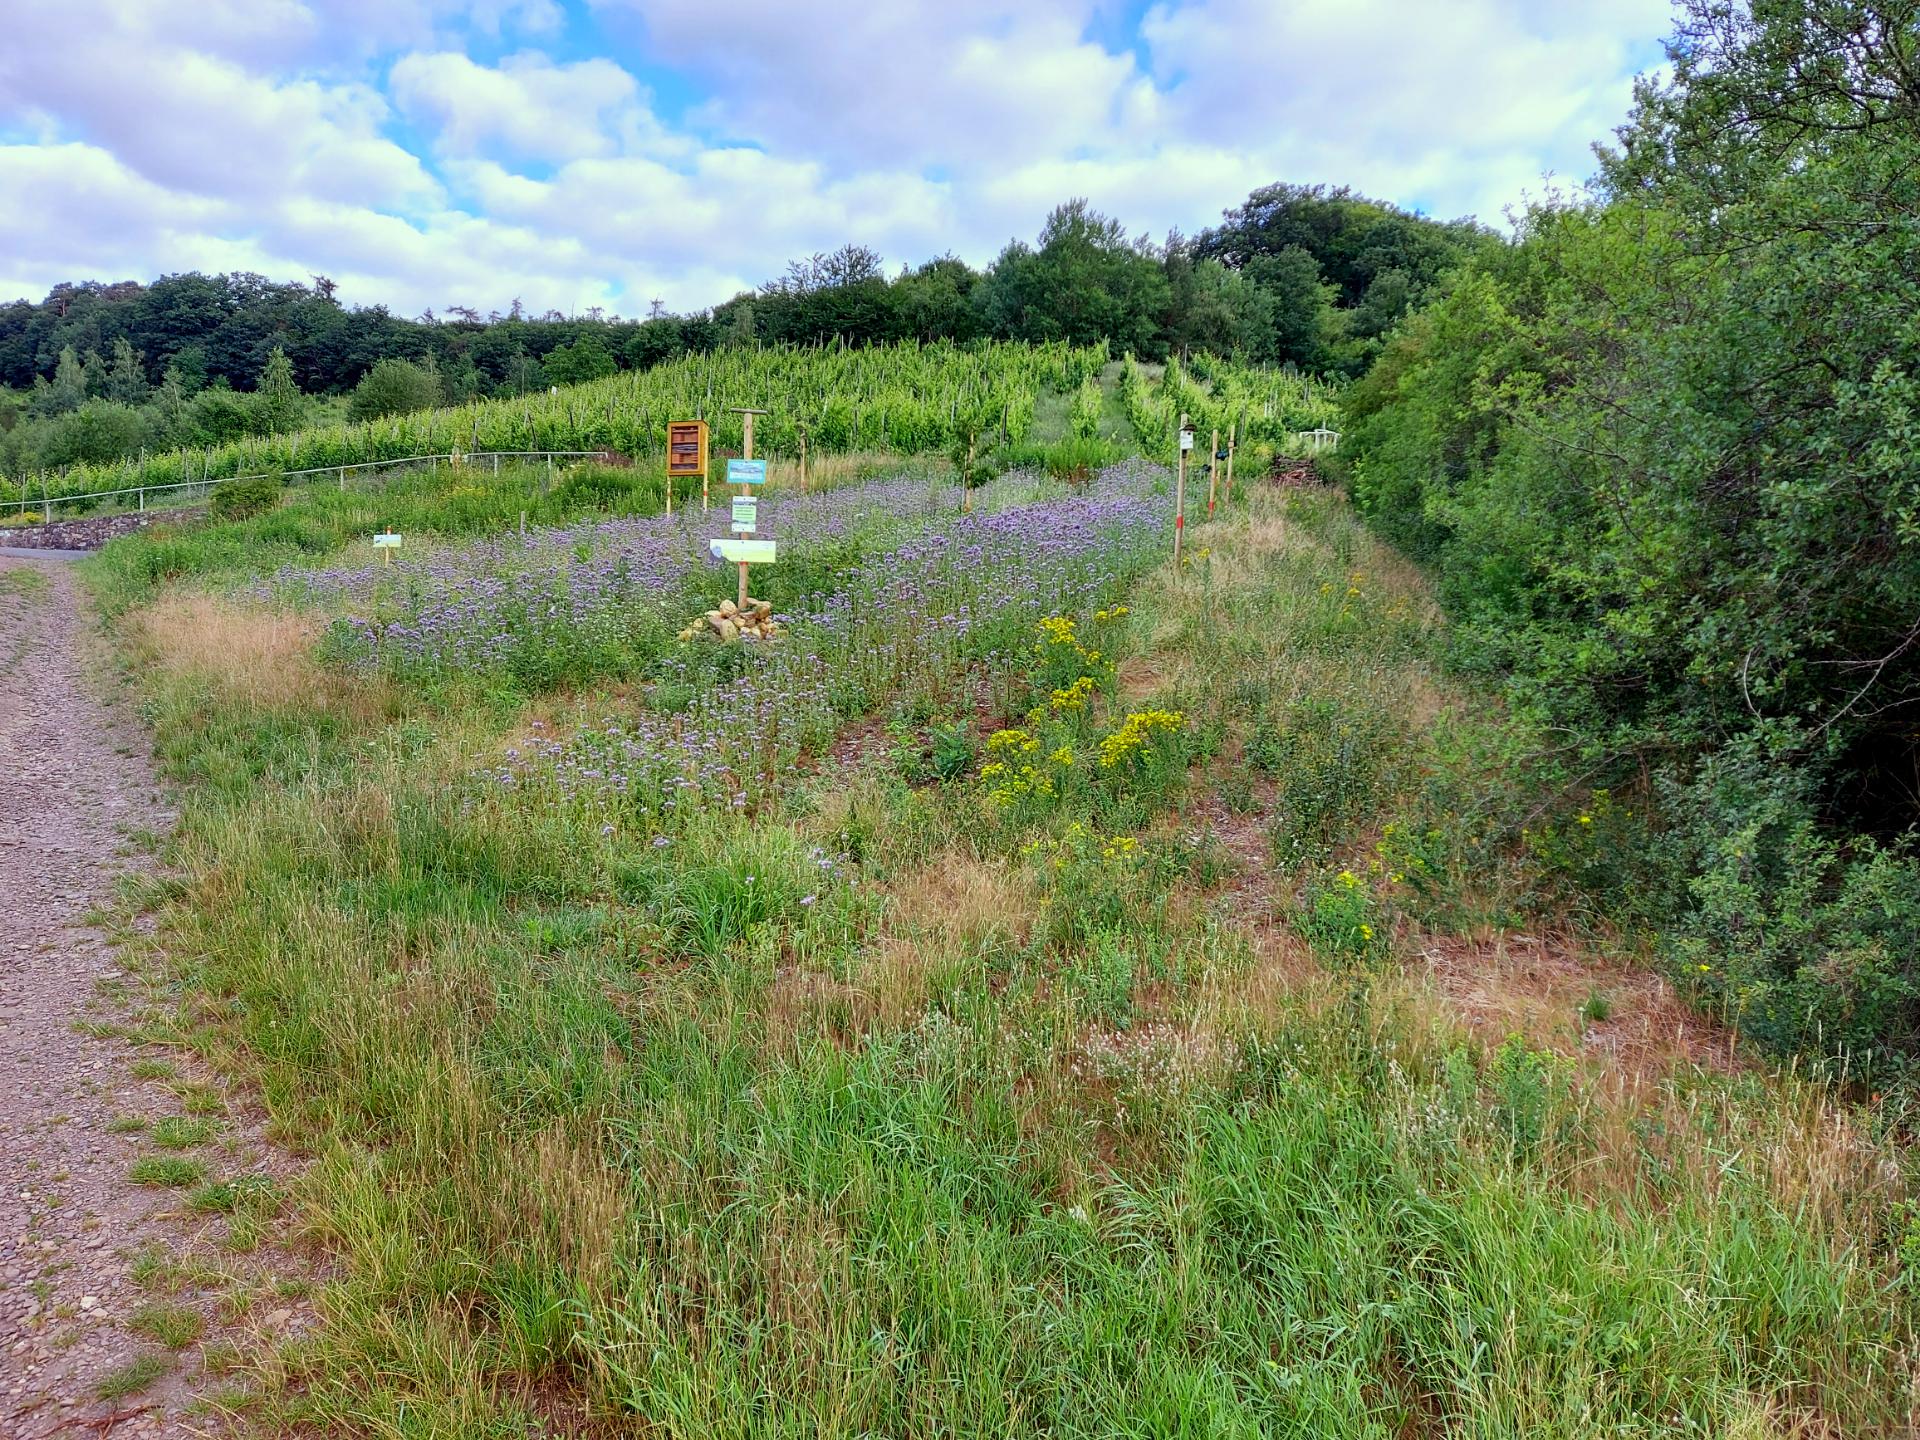 Naturerlebnisprojekt in Briedel mit Steinlinse, Rebhaufen, Insektenhotel und Saatmischung